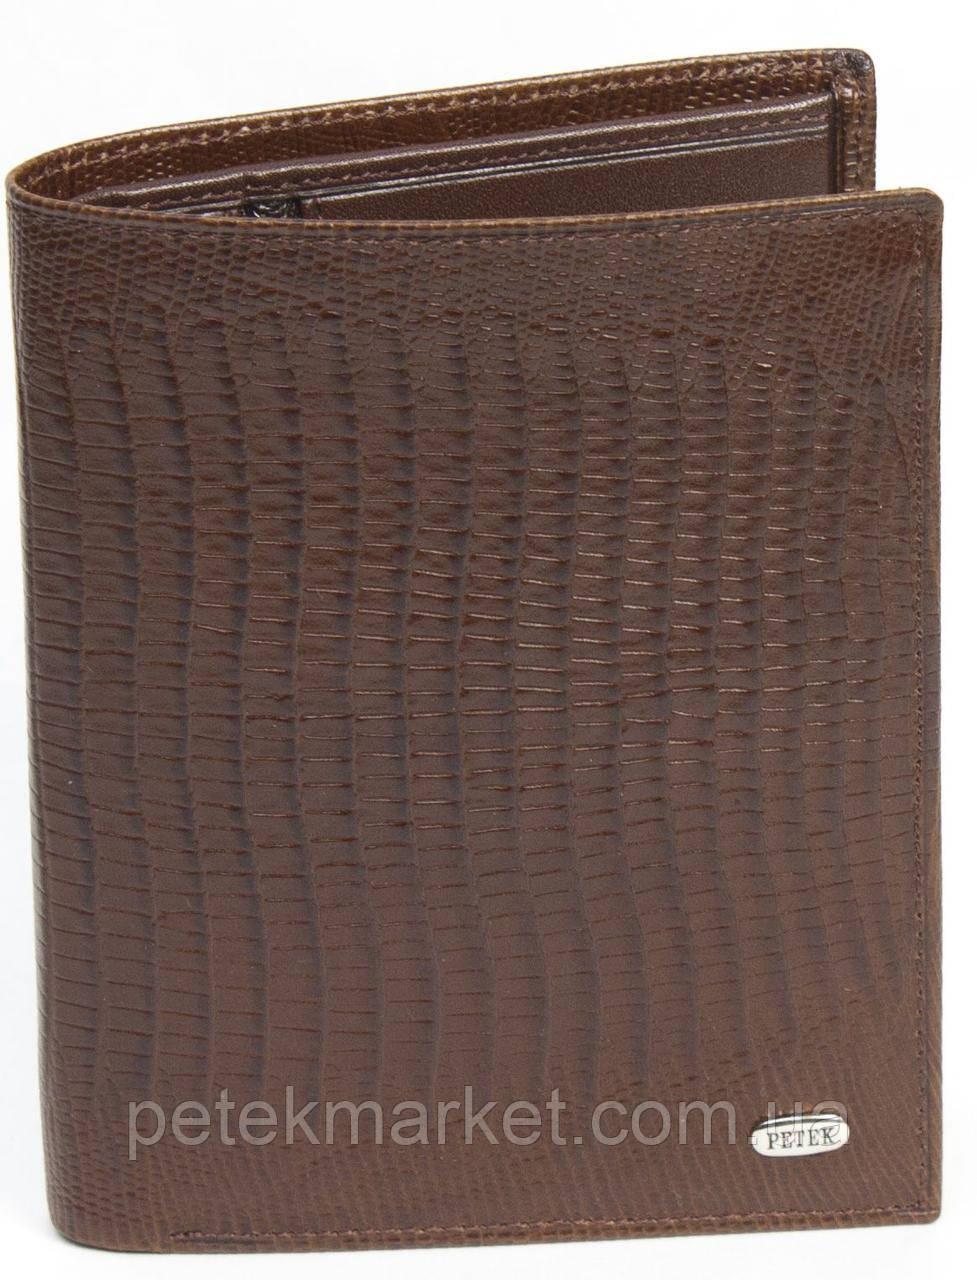 Кожаное мужское портмоне Petek 135